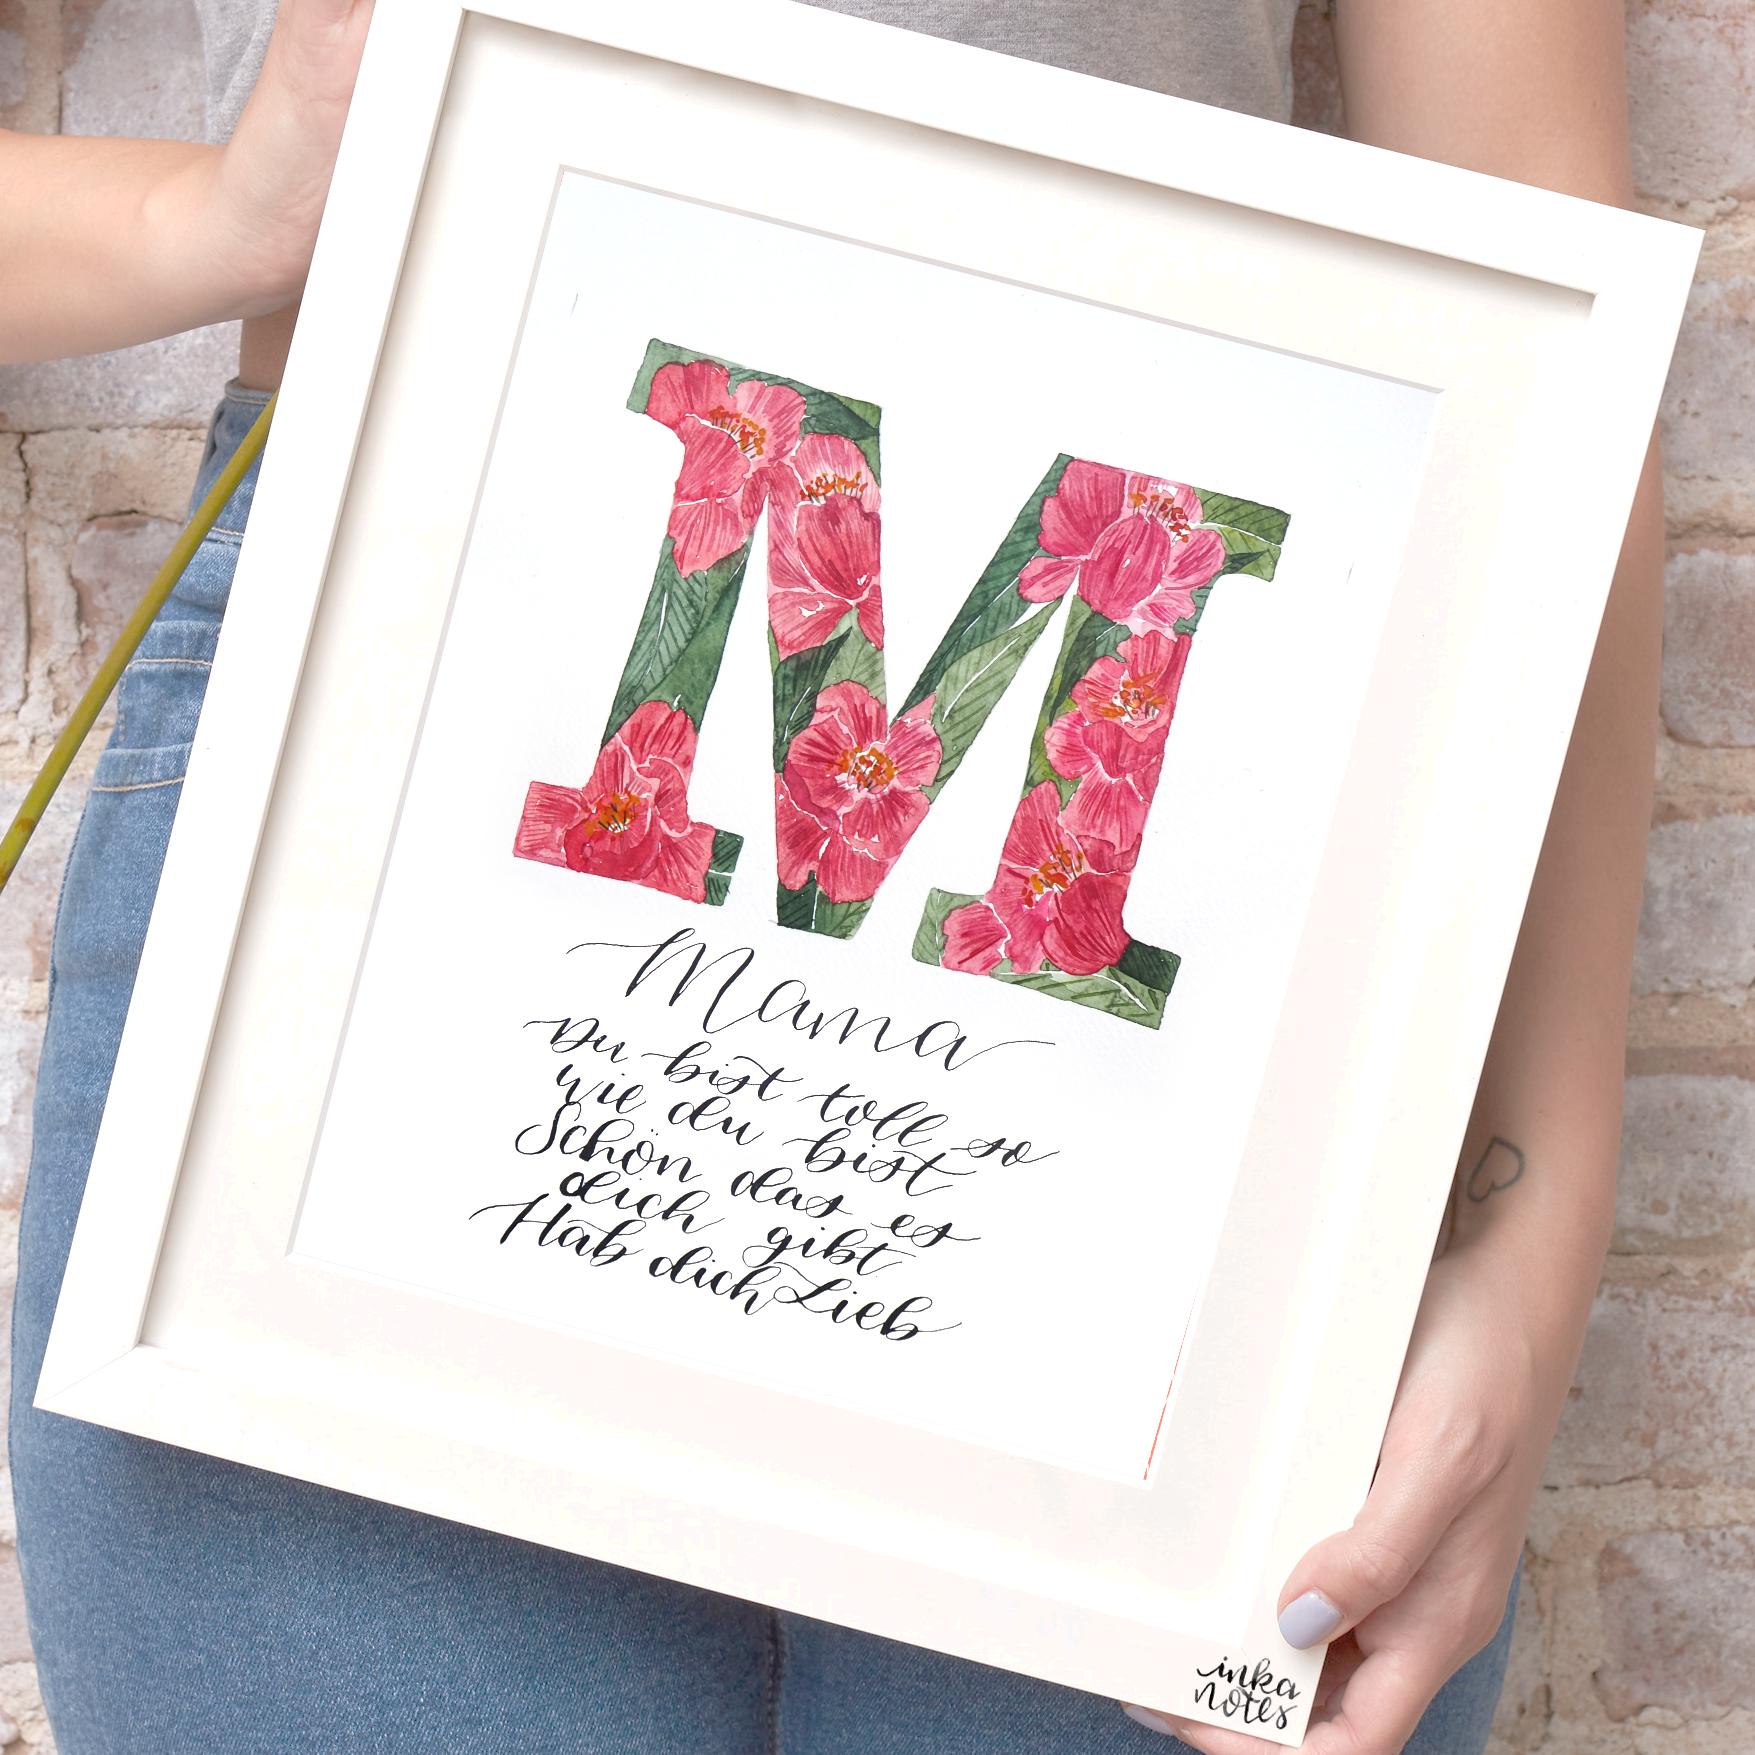 Calligraphy-Kalligraphie-Watercolor-Aquarell-Florals-Botanicals-Blumen-Botanische-Designer-Deutschland-Germany-Nachhaltig-monogram-buchstaben-m